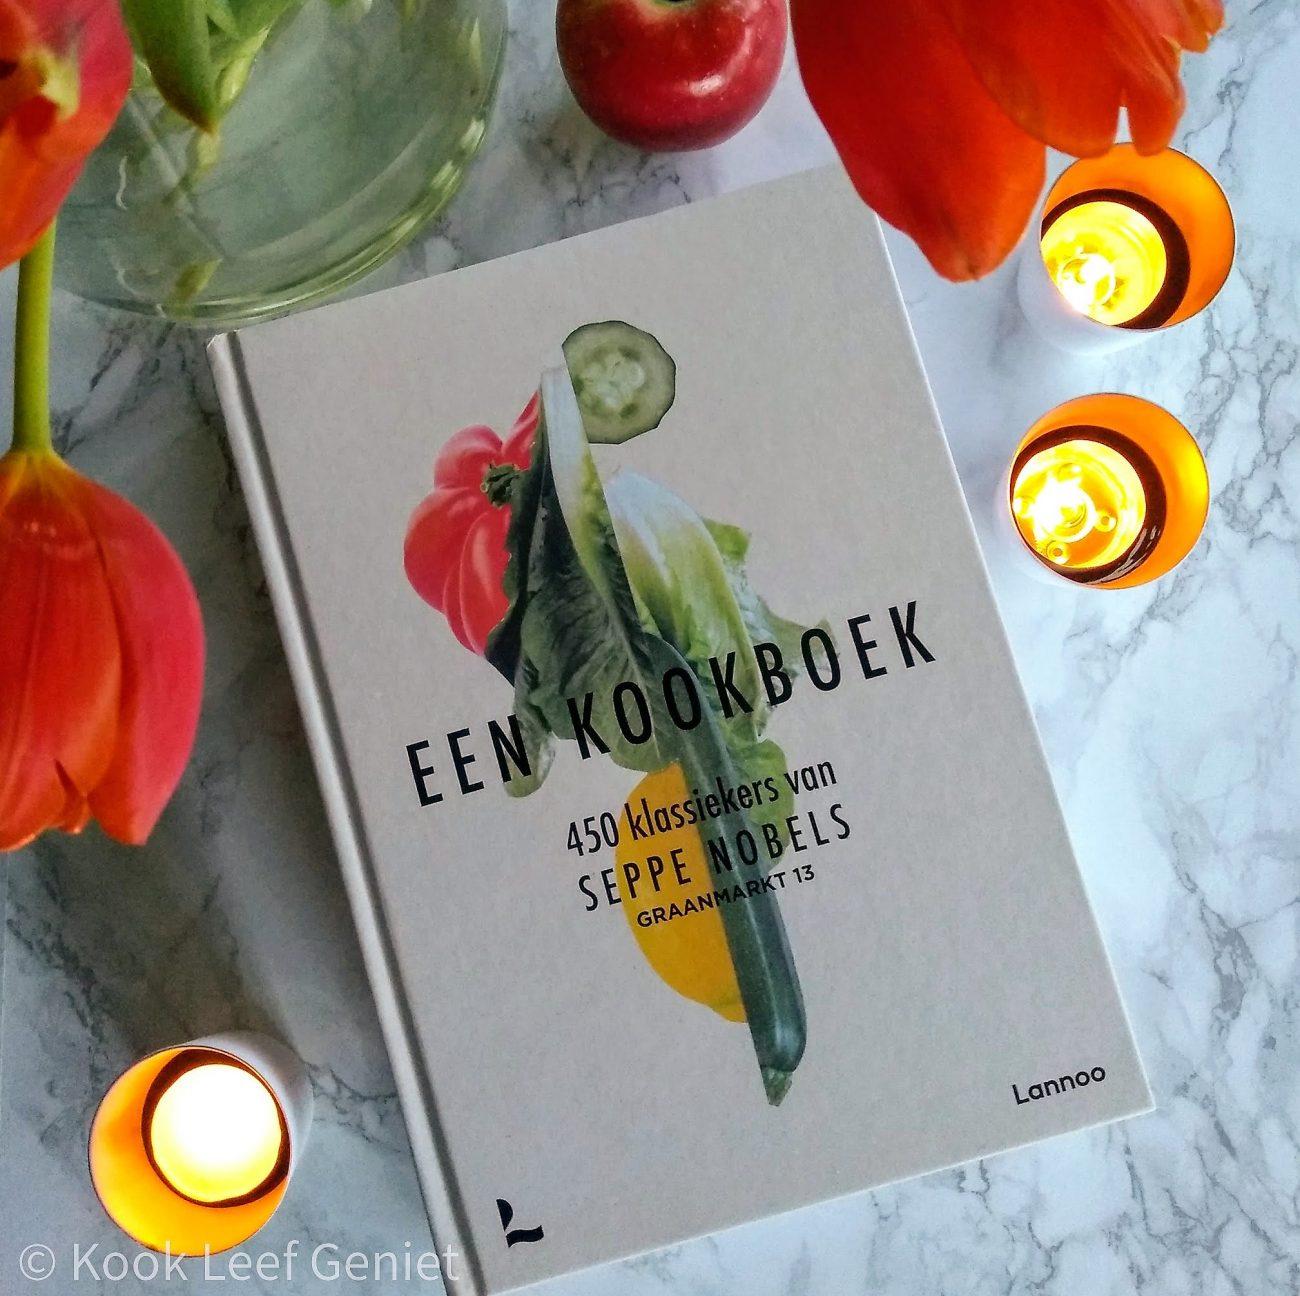 Een kookboek 450 recepten - Seppe Nobels